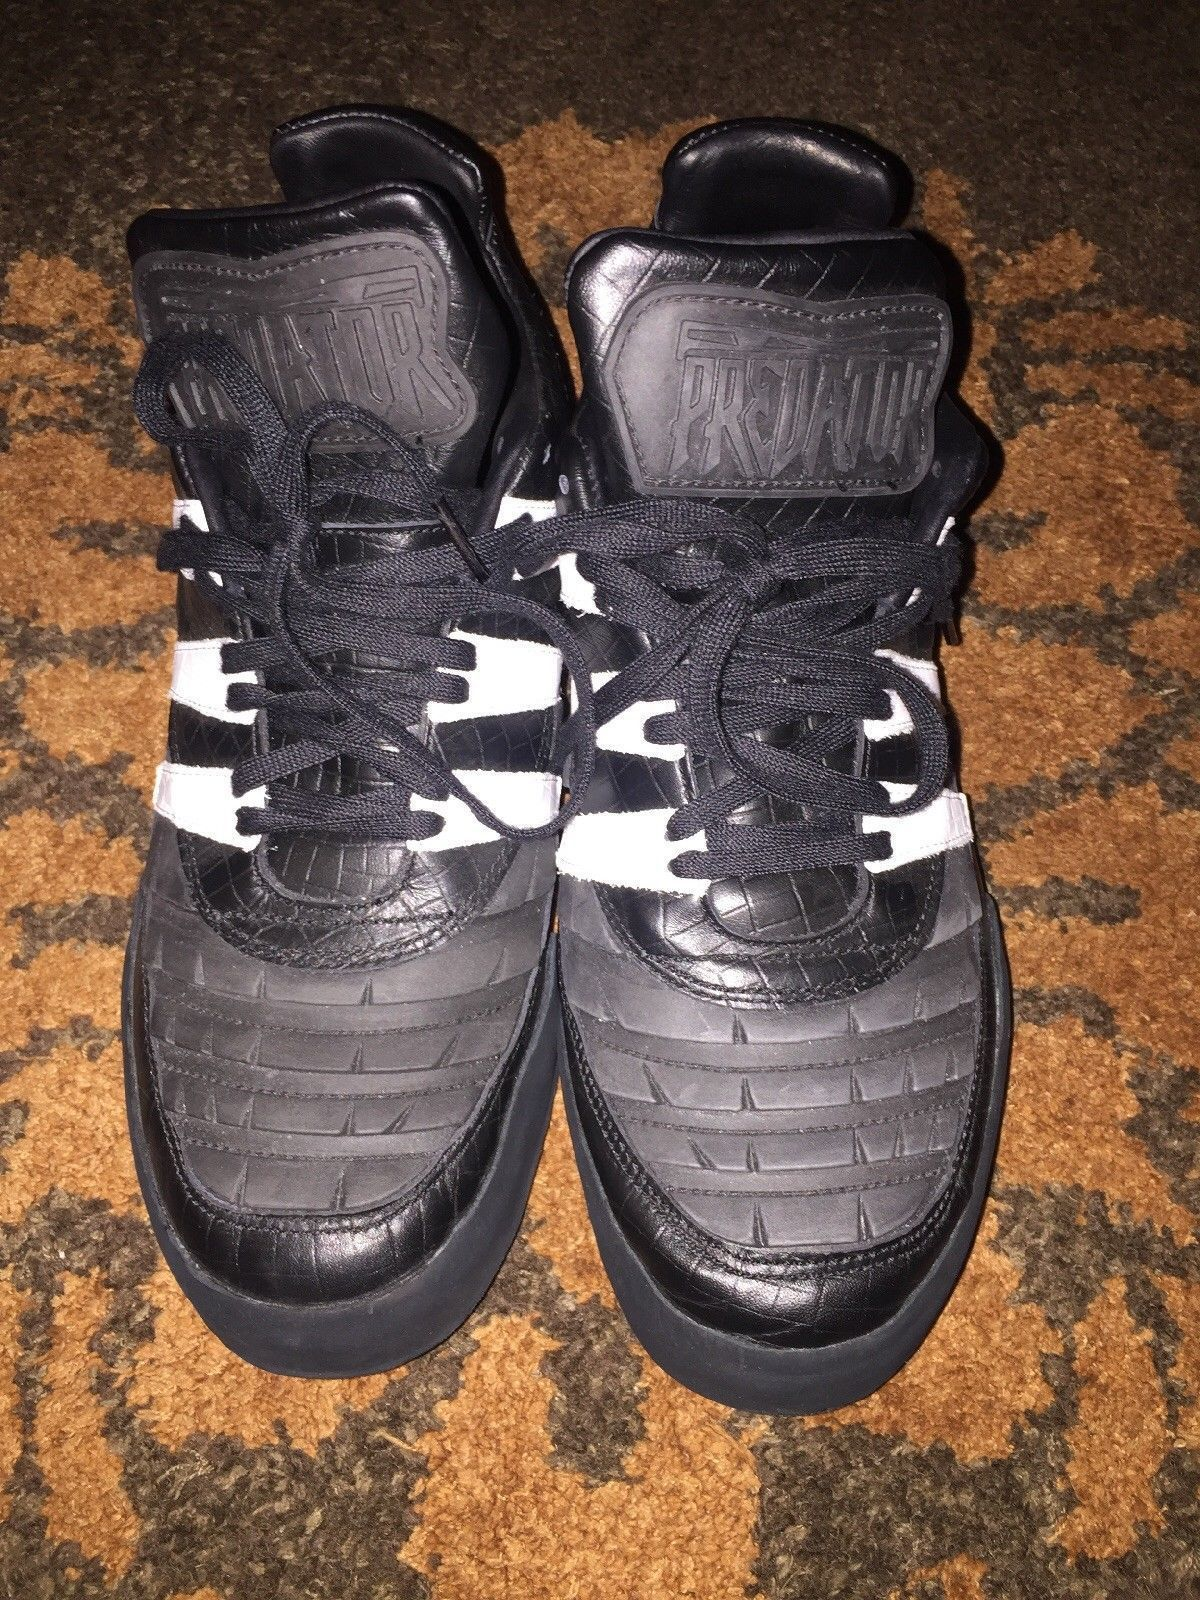 268b7720b3c adidas kids neo raleigh 9tis high top sneaker